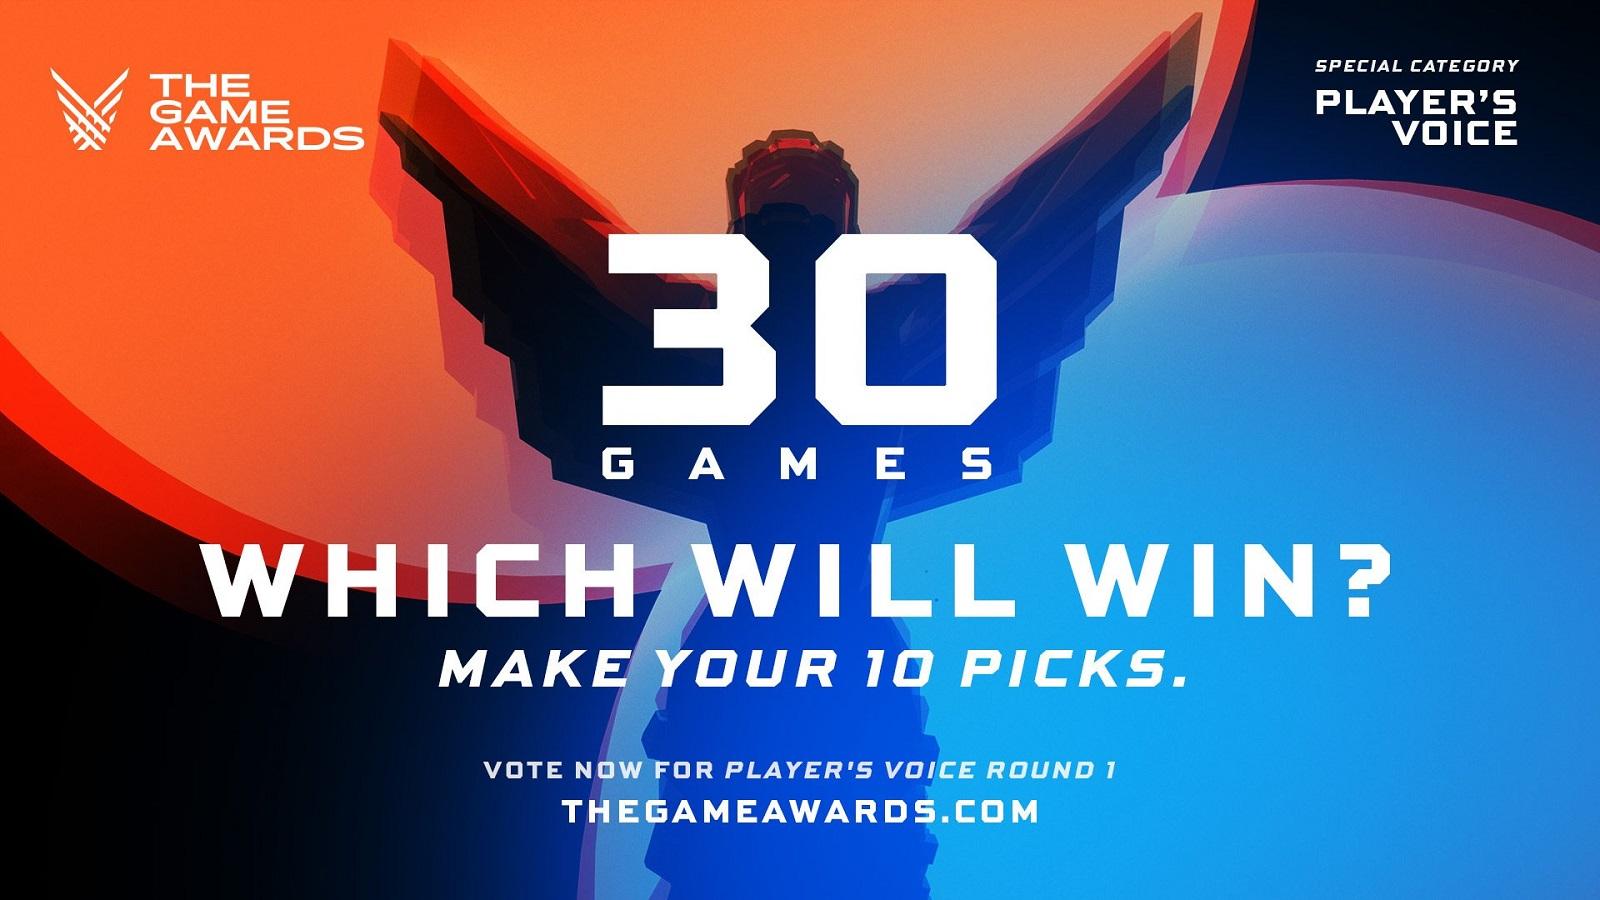 На сайте The Game Awards 2020 началось голосование за пользовательскую игру года